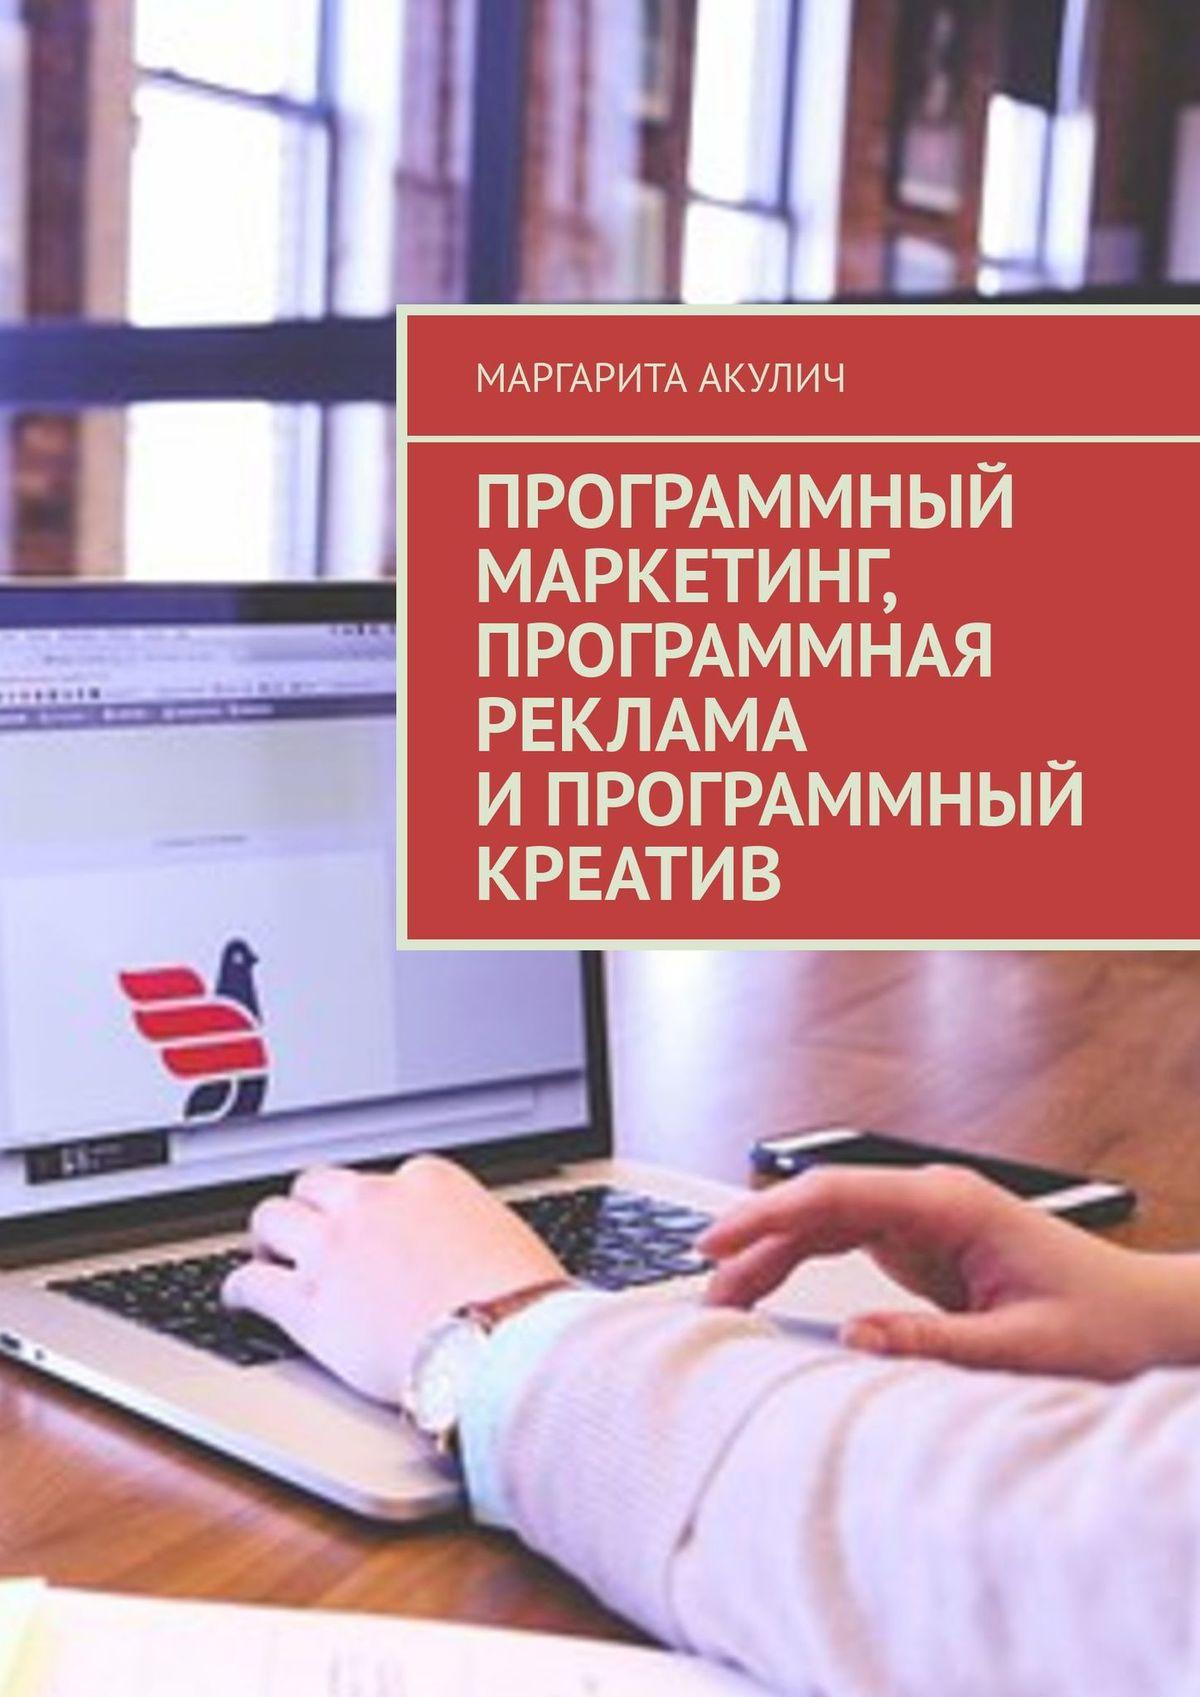 Маргарита Акулич Программный маркетинг, программная реклама ипрограммный креатив маргарита акулич контекстная реклама имаркетинг контента